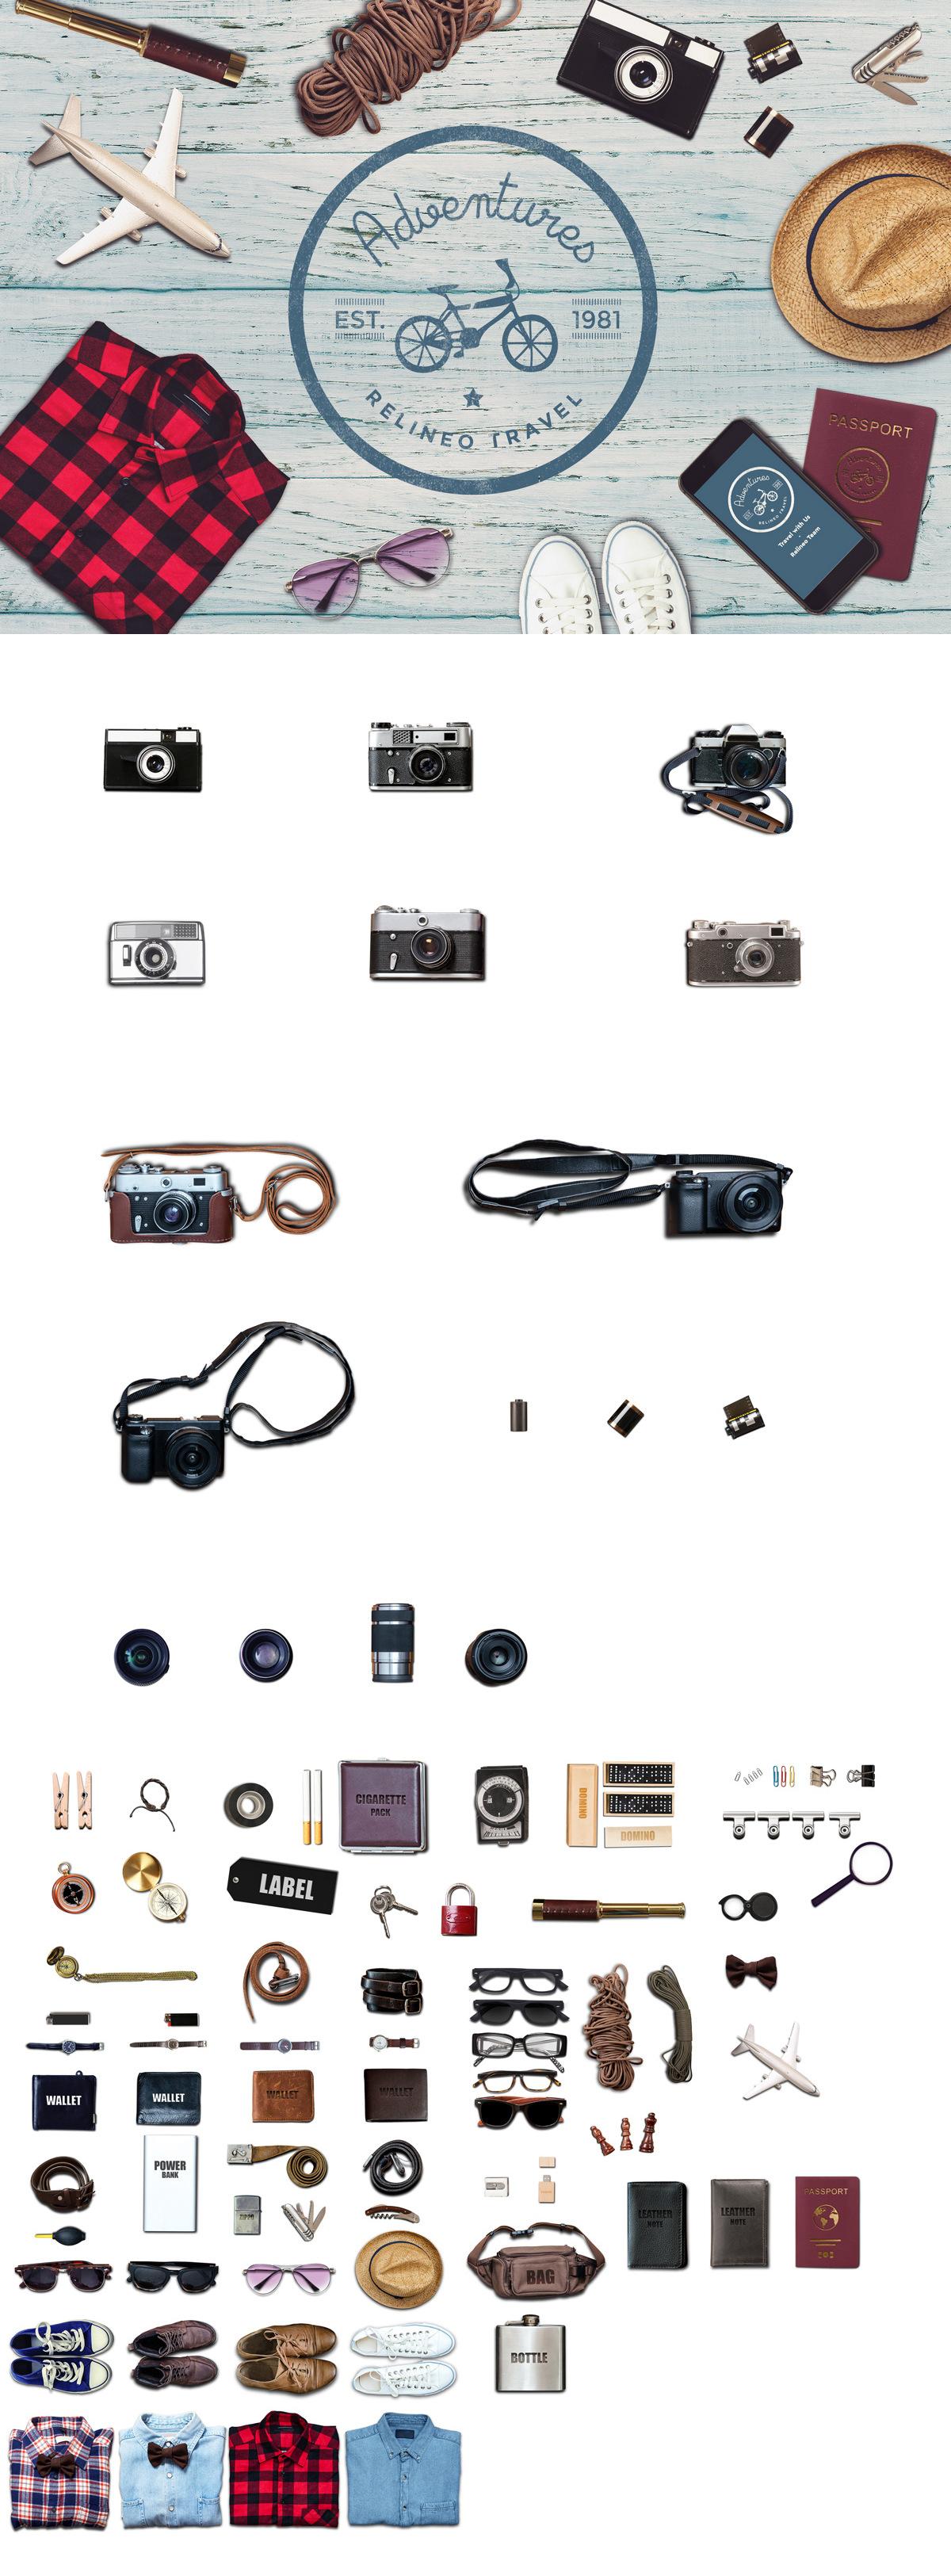 relineo-scene-creator-travel-bypeople-deals.jpg